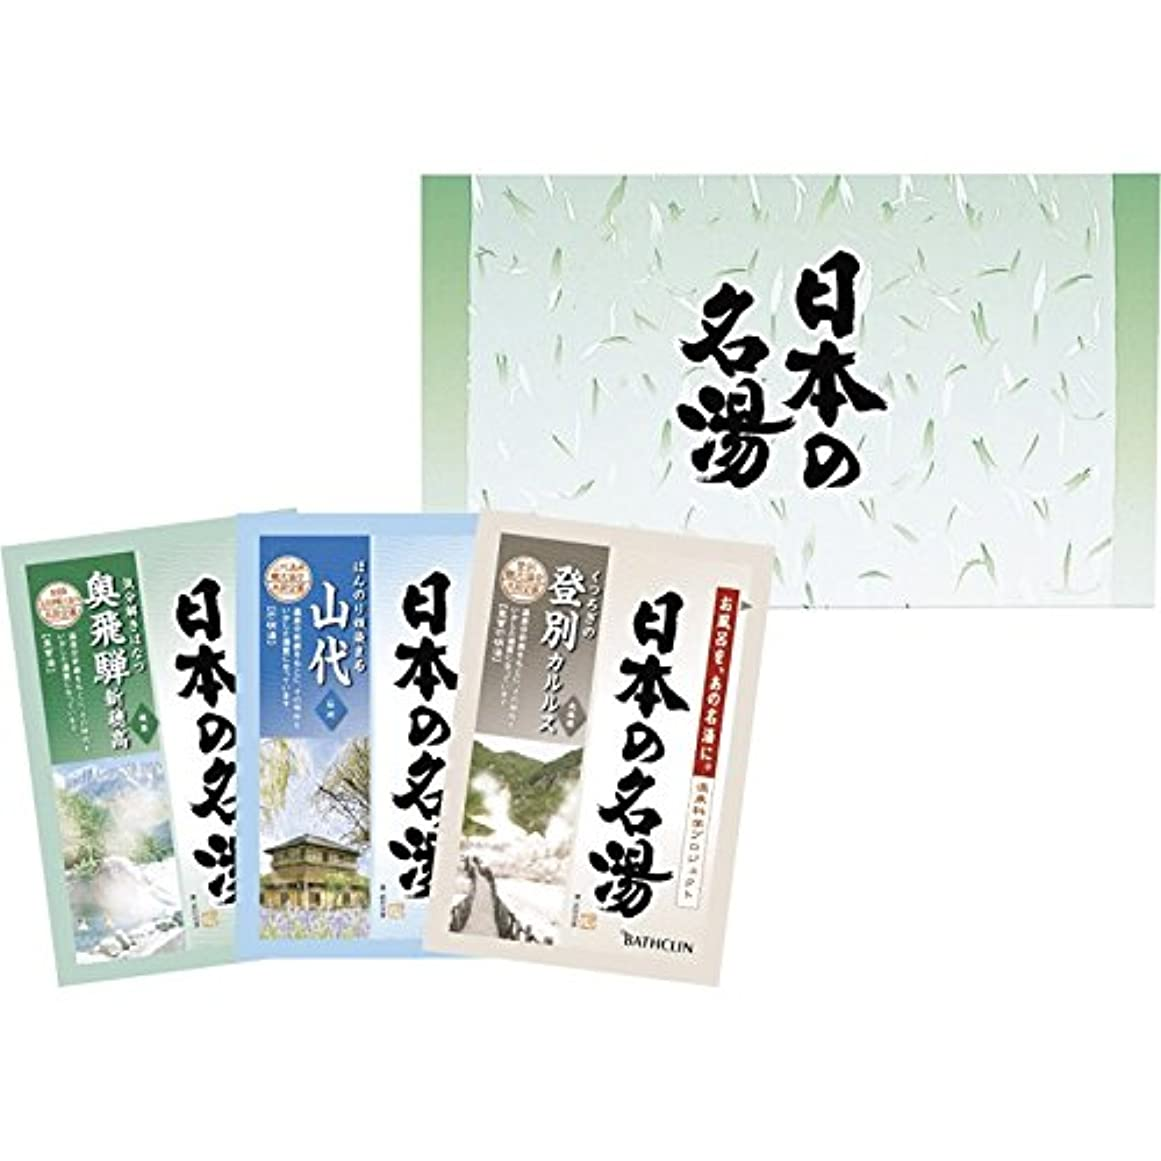 アストロラーベ立ち向かうブラウザバスクリン 日本の名湯 3包セット 【ギフトセット あたたまる あったまる ぽかぽか つめあわせ 詰め合わせ アソート バス用品 お風呂用品 300】